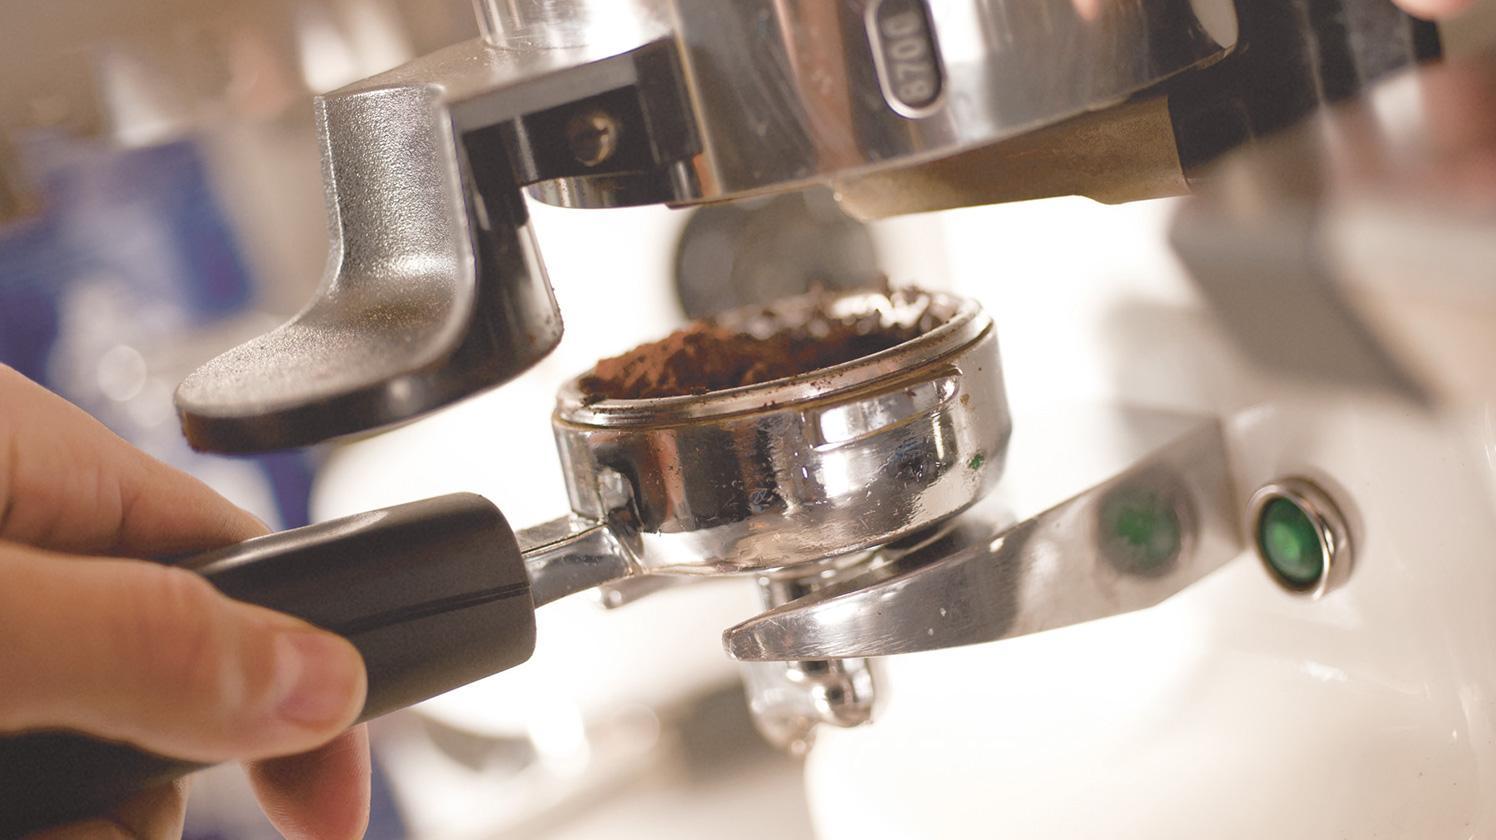 Filtro BRITA PURITY Quell ST panadería café